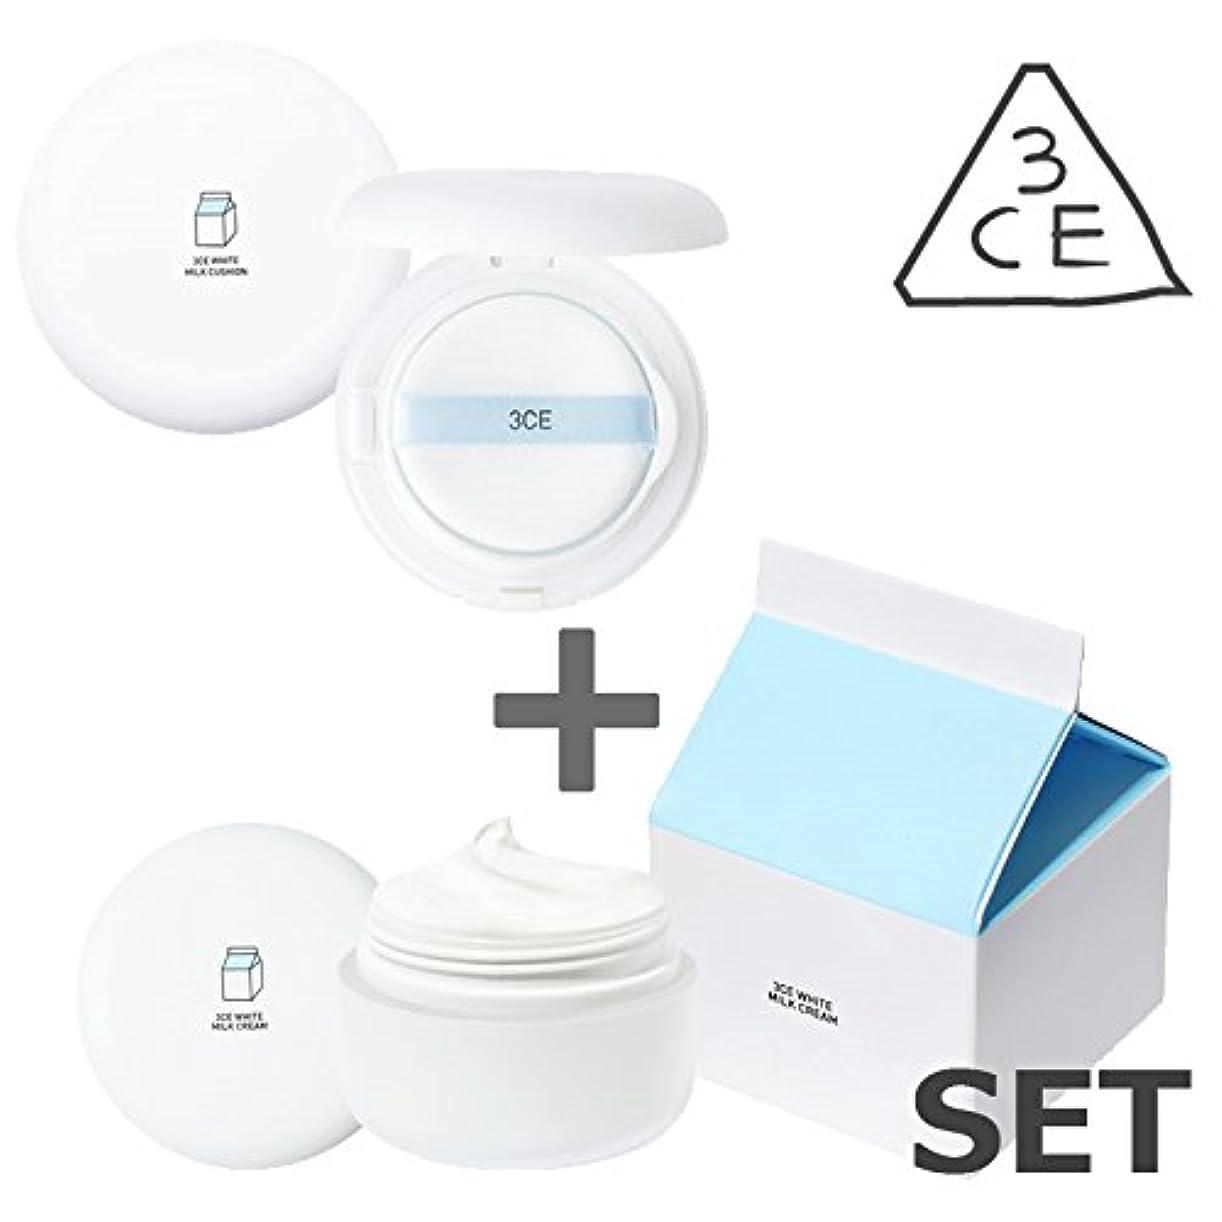 責任ストロークめったに[3CE / 2個セット] ホワイトミルククリーム & ホワイトミルククッション (White Milk Cream+White Milk Cushion) / 正品?海外直送品